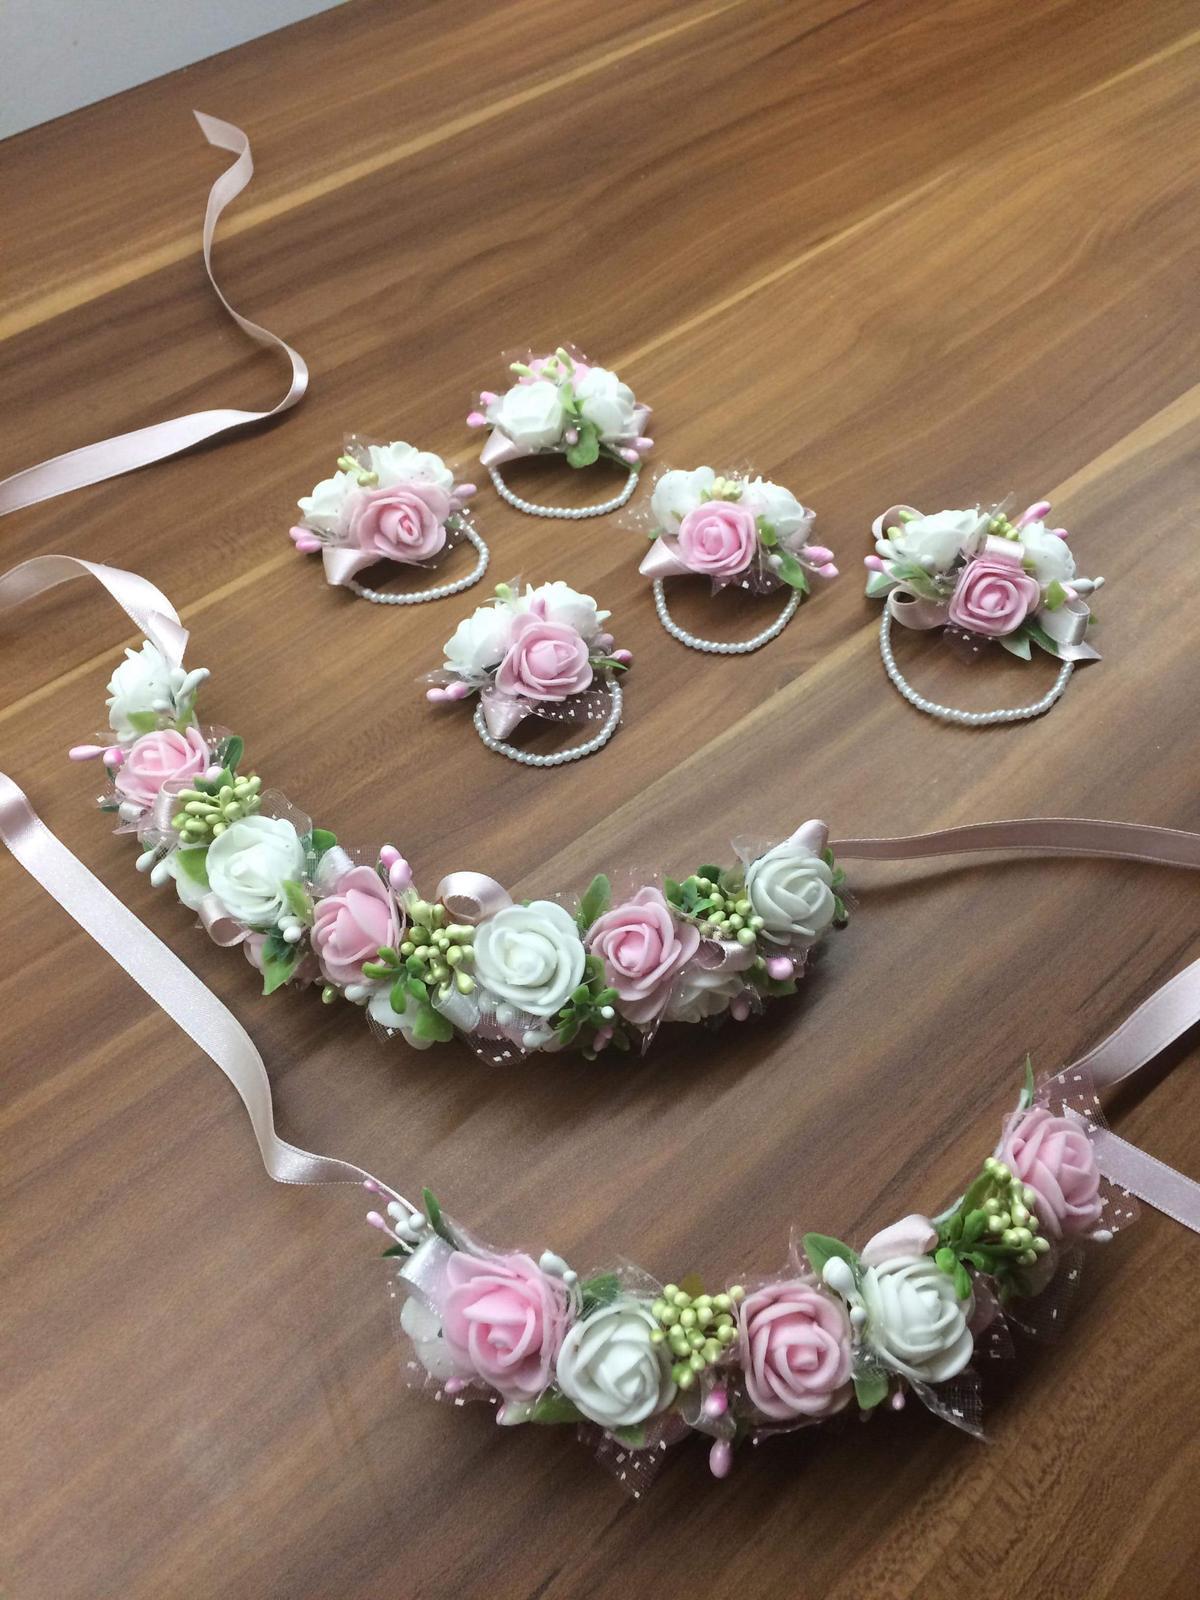 Naše prípravy na svadbu - Naramky pre druzicky a čelenky do vlasov